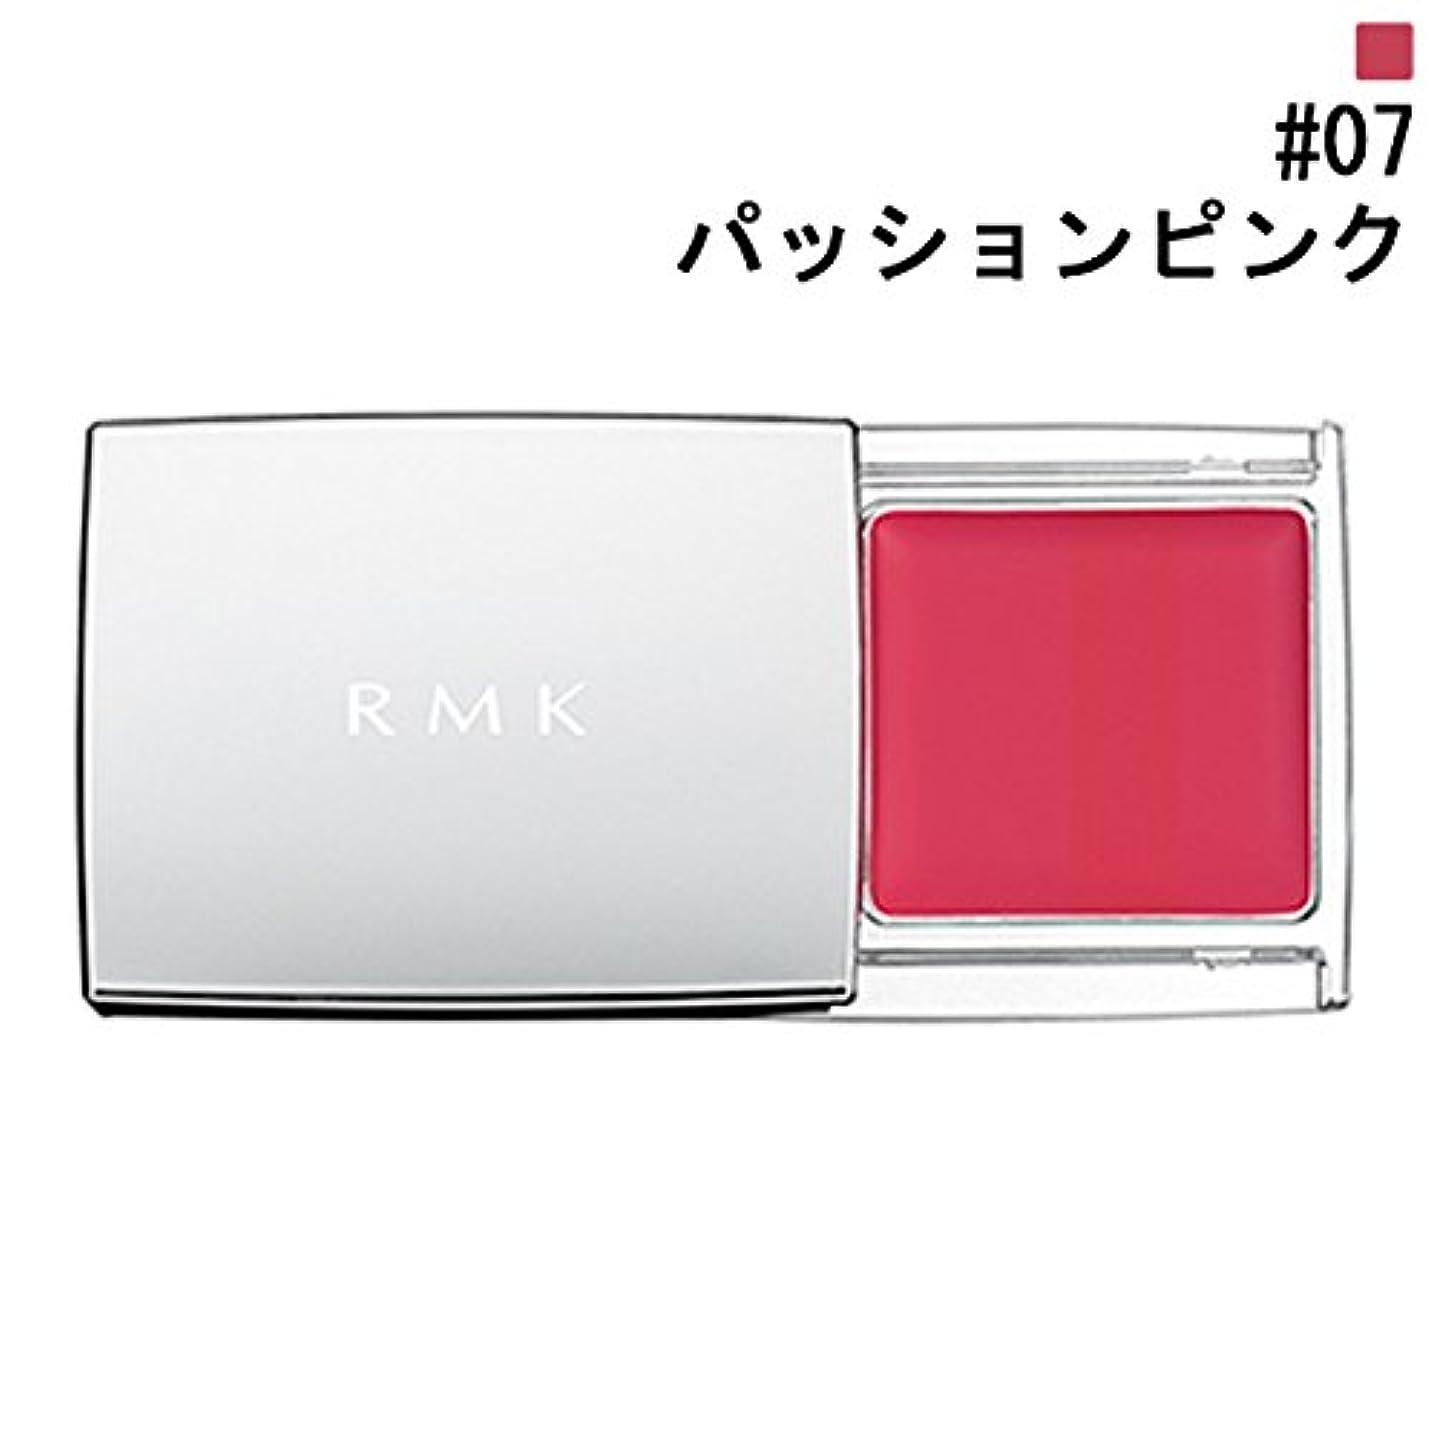 再現する高度な出血【RMK (ルミコ)】RMK マルチペイントカラーズ #07 パッションピンク 1.5g